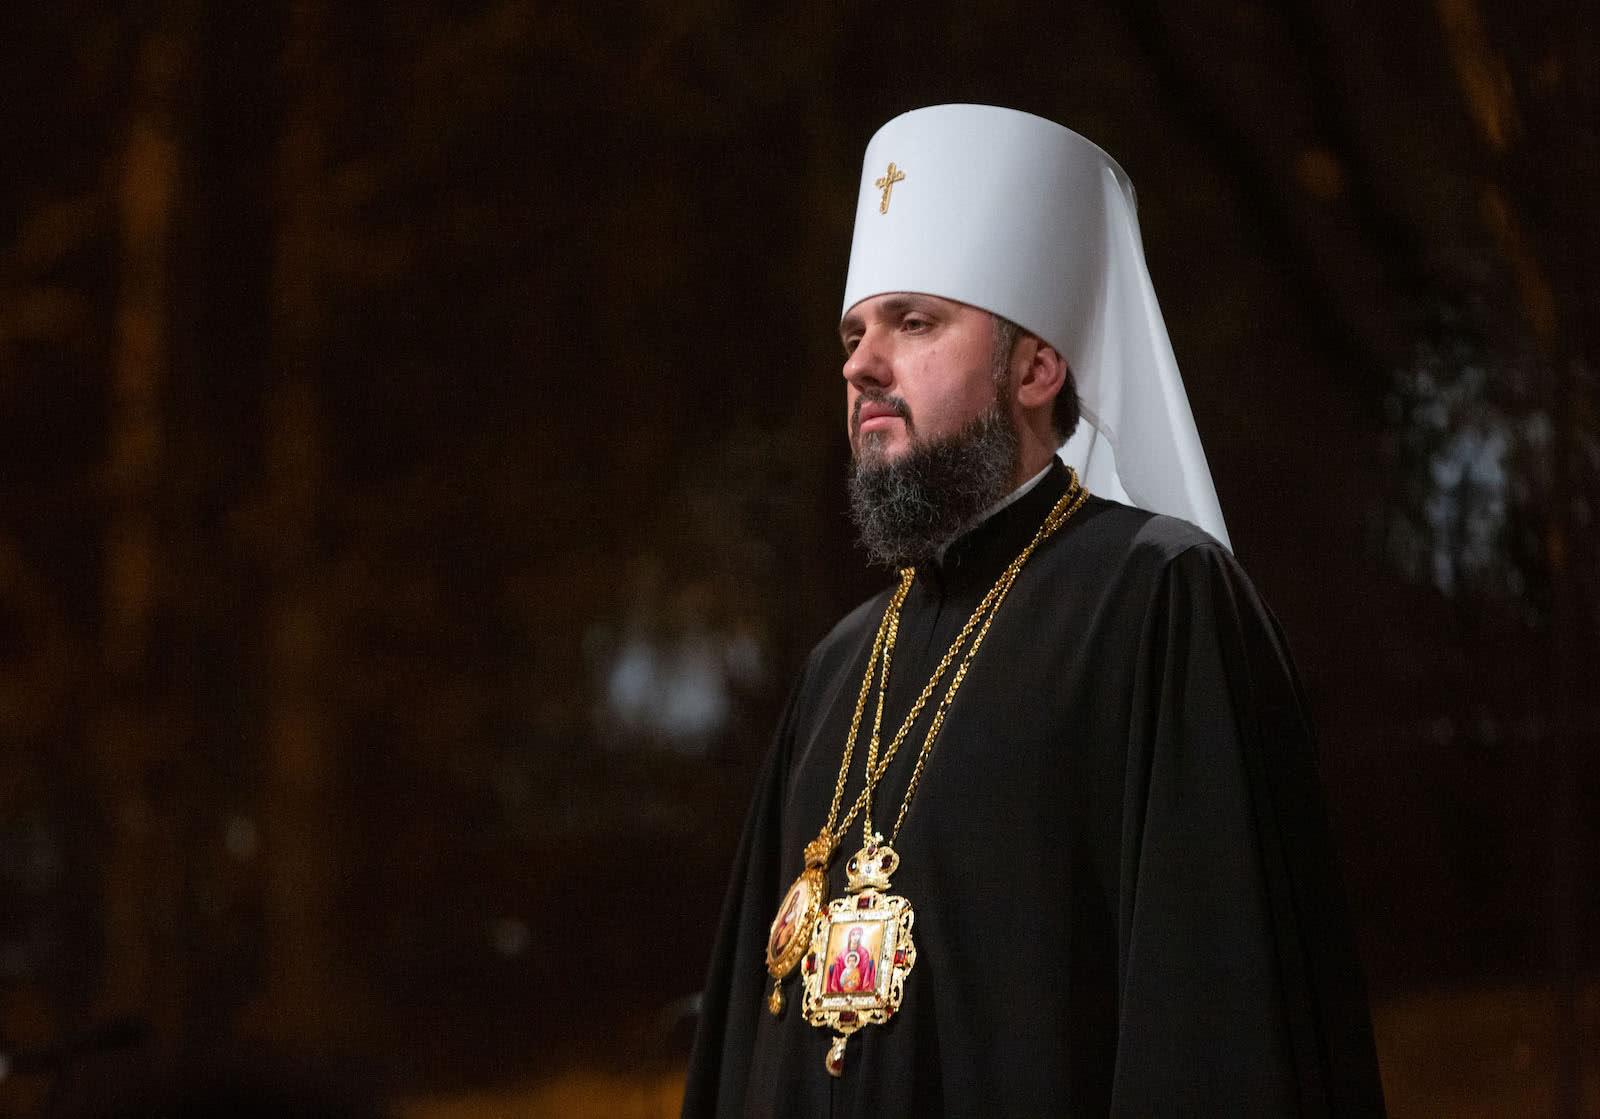 Предстоятель Православної церкви України митрополит Епіфаній зазначив, що перенесення Різдва в Україні поки не буде